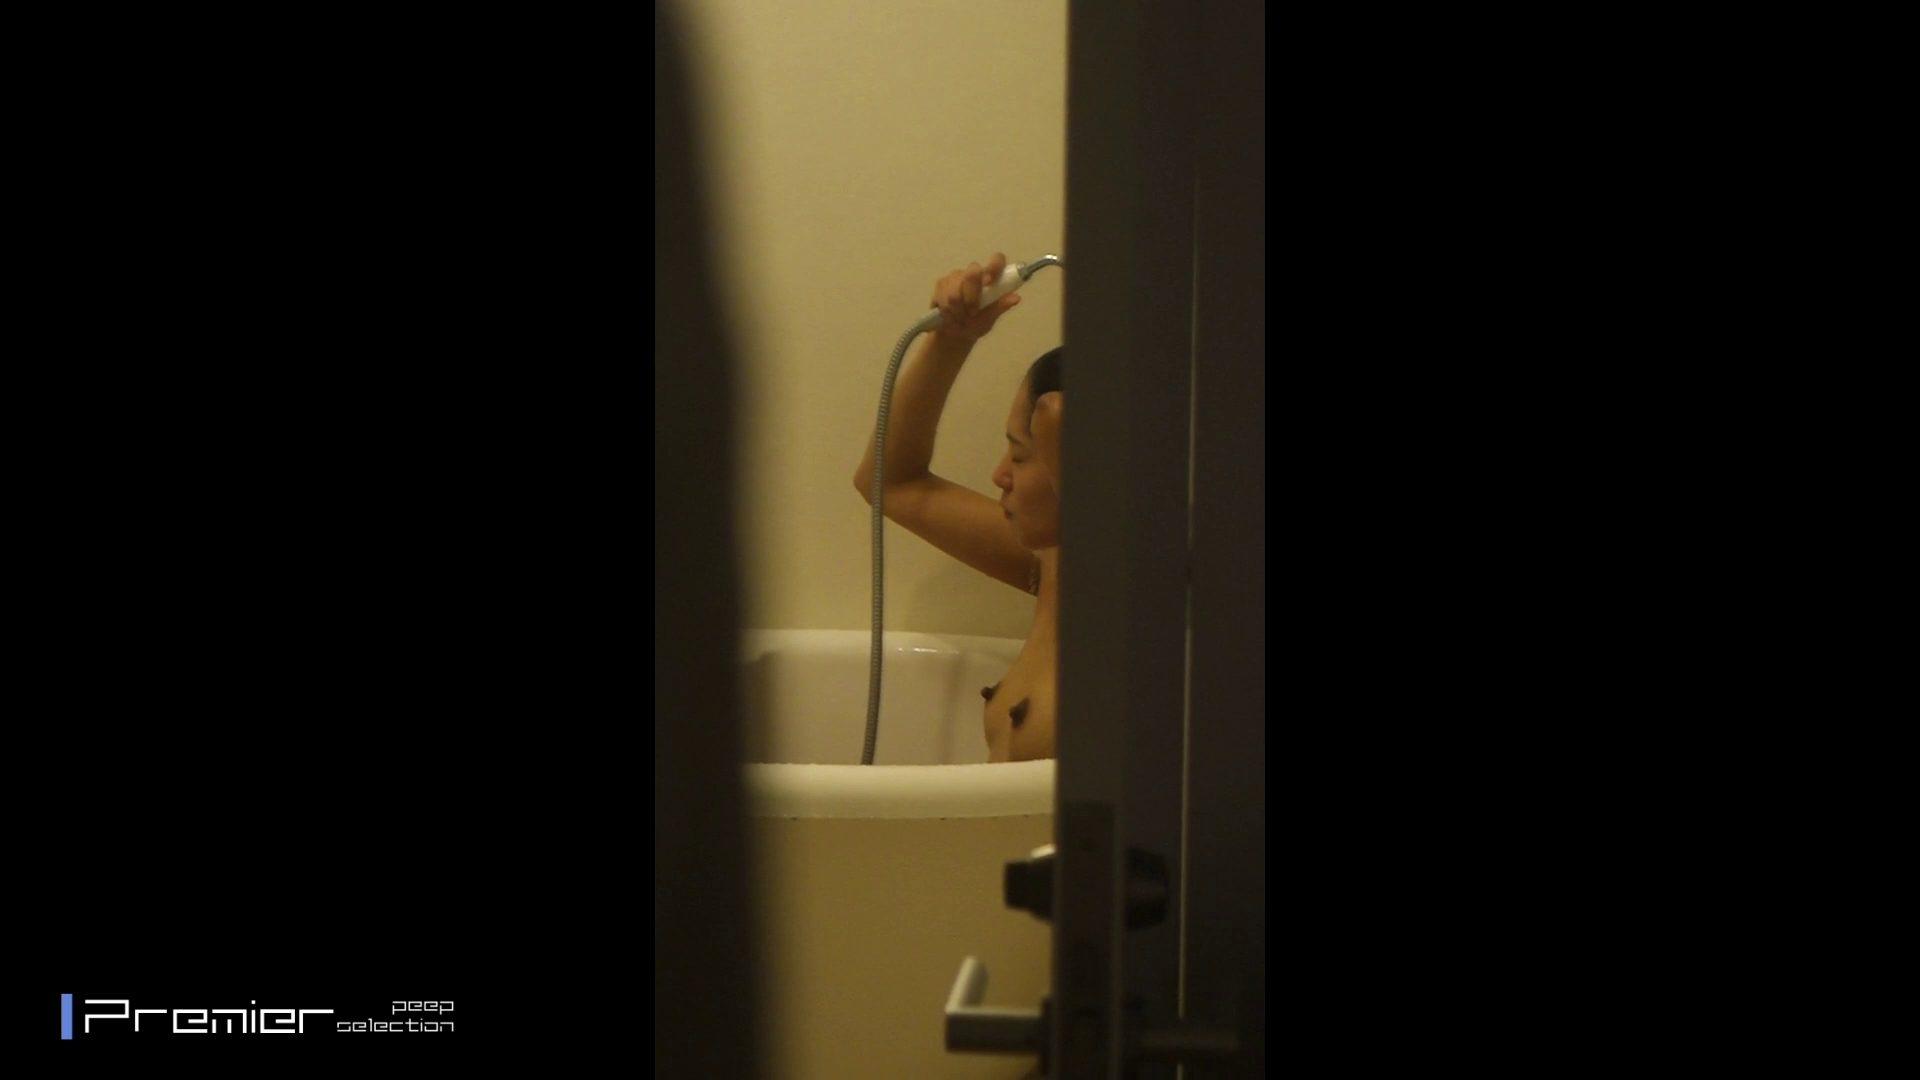 美女達の私生活に潜入!★永久保存版★4 名の美女リアルオナニー完全版 高画質 アダルト動画キャプチャ 86PIX 58